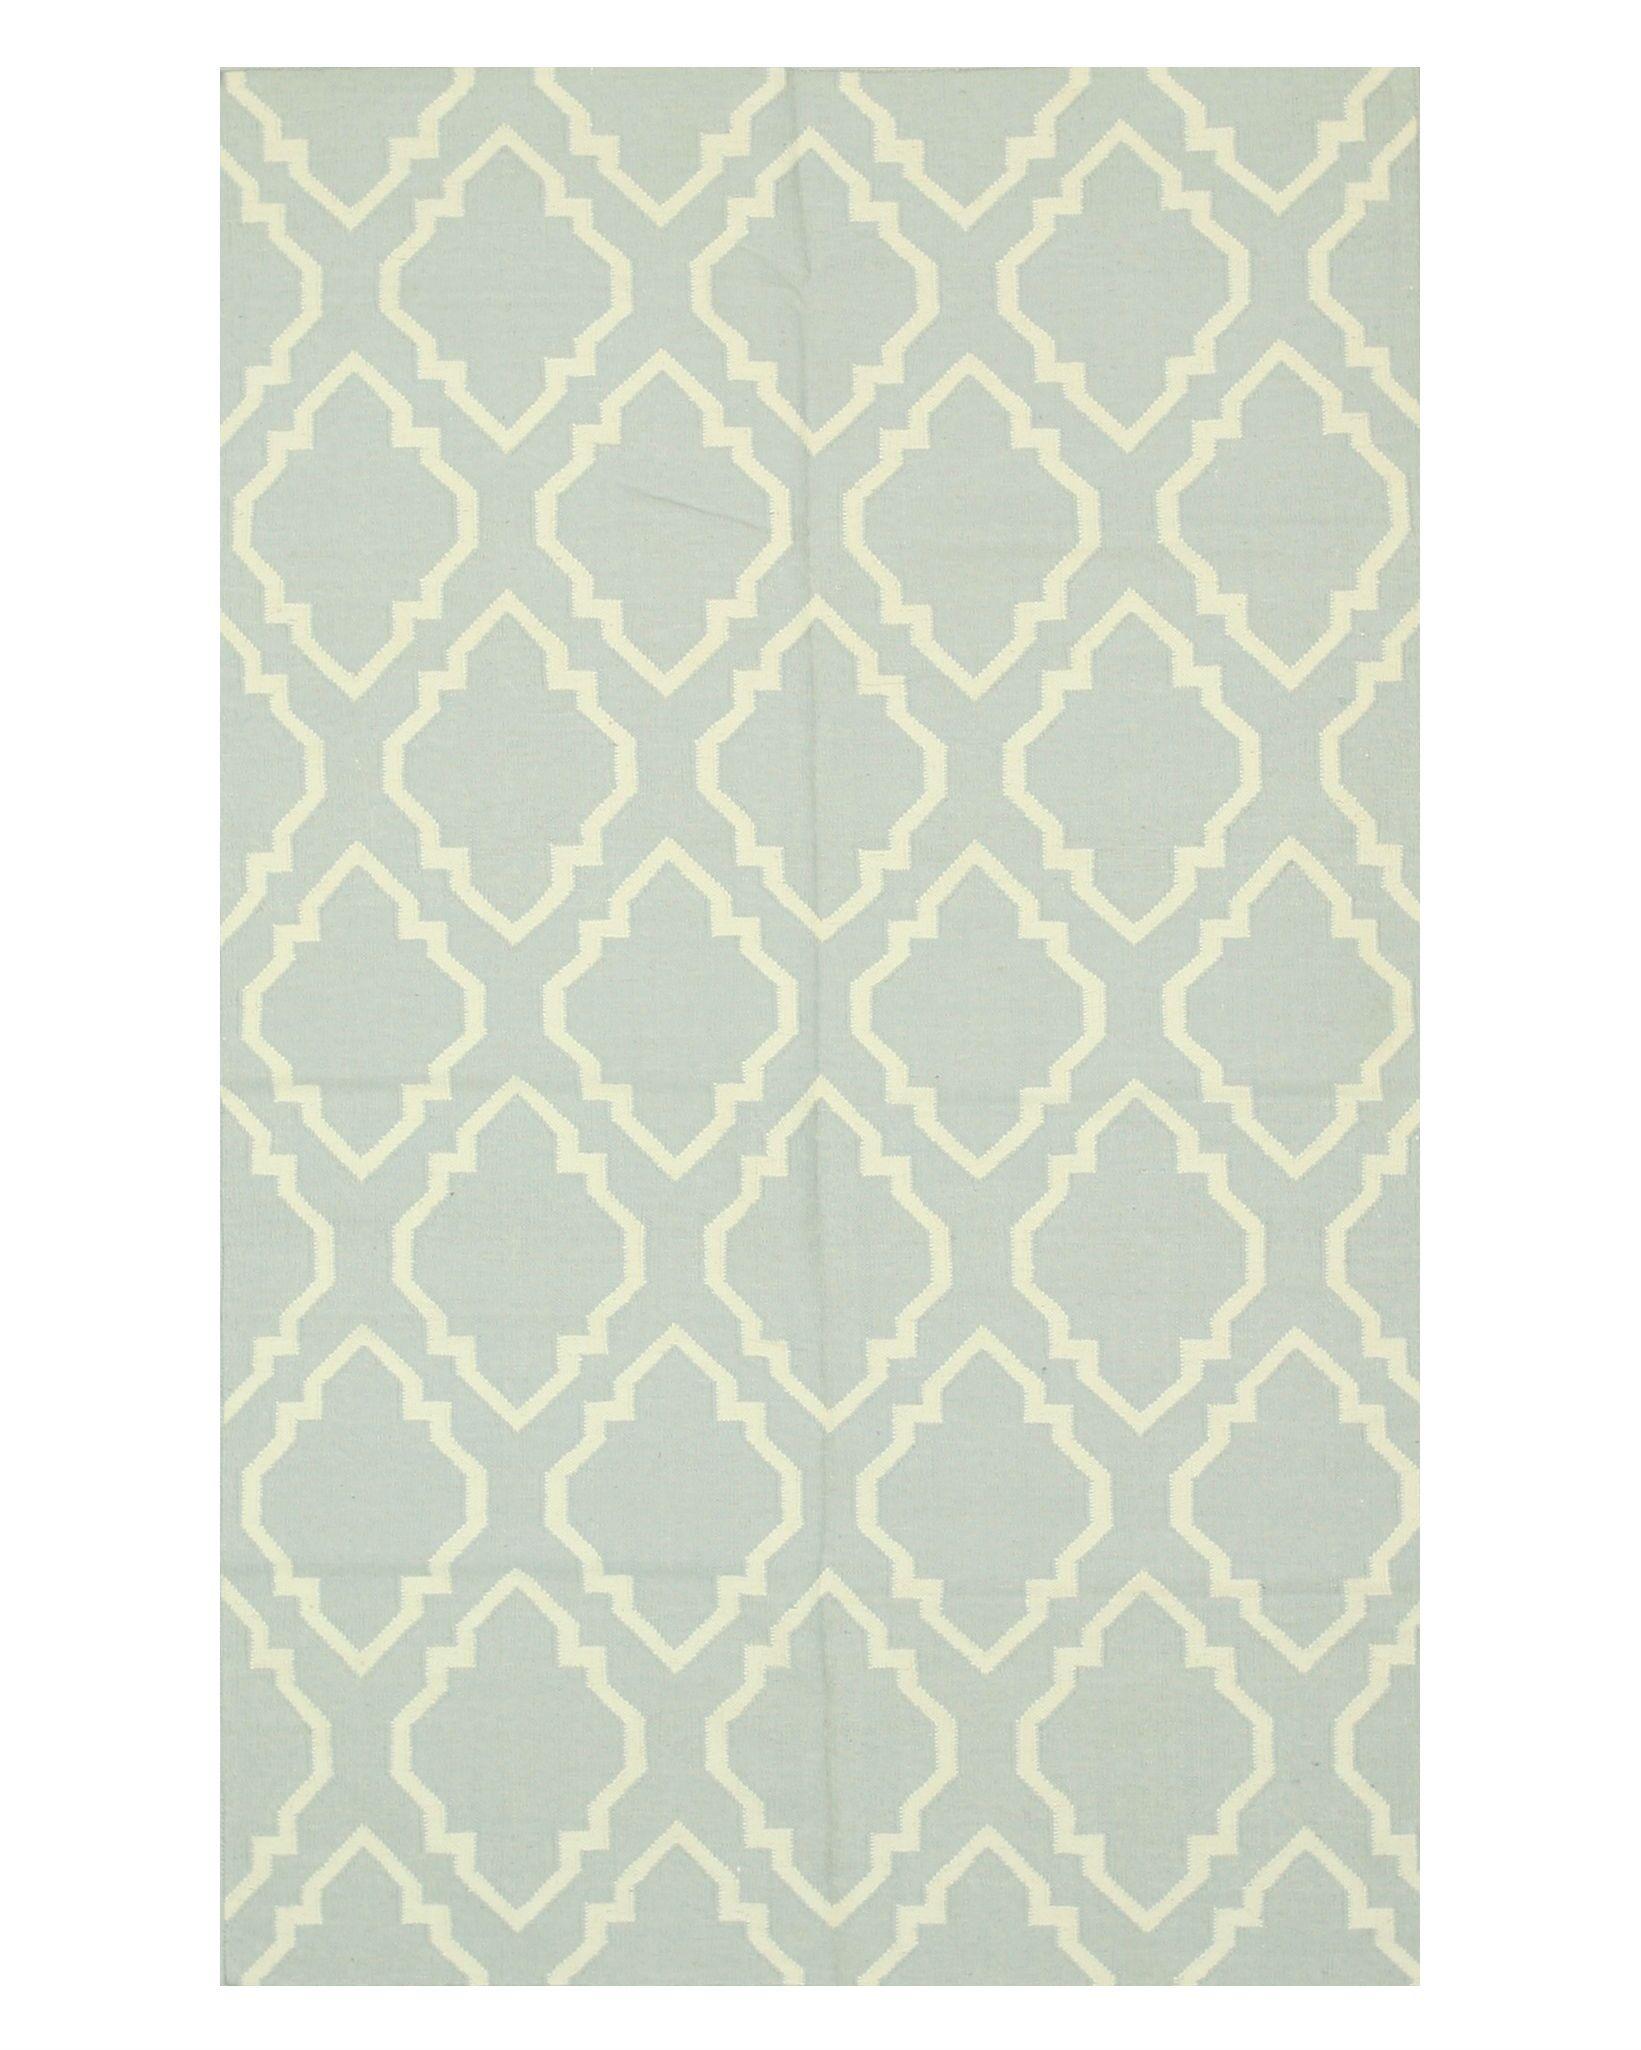 Durrant Handmade Gray Area Rug Rug Size: 5' x 8'